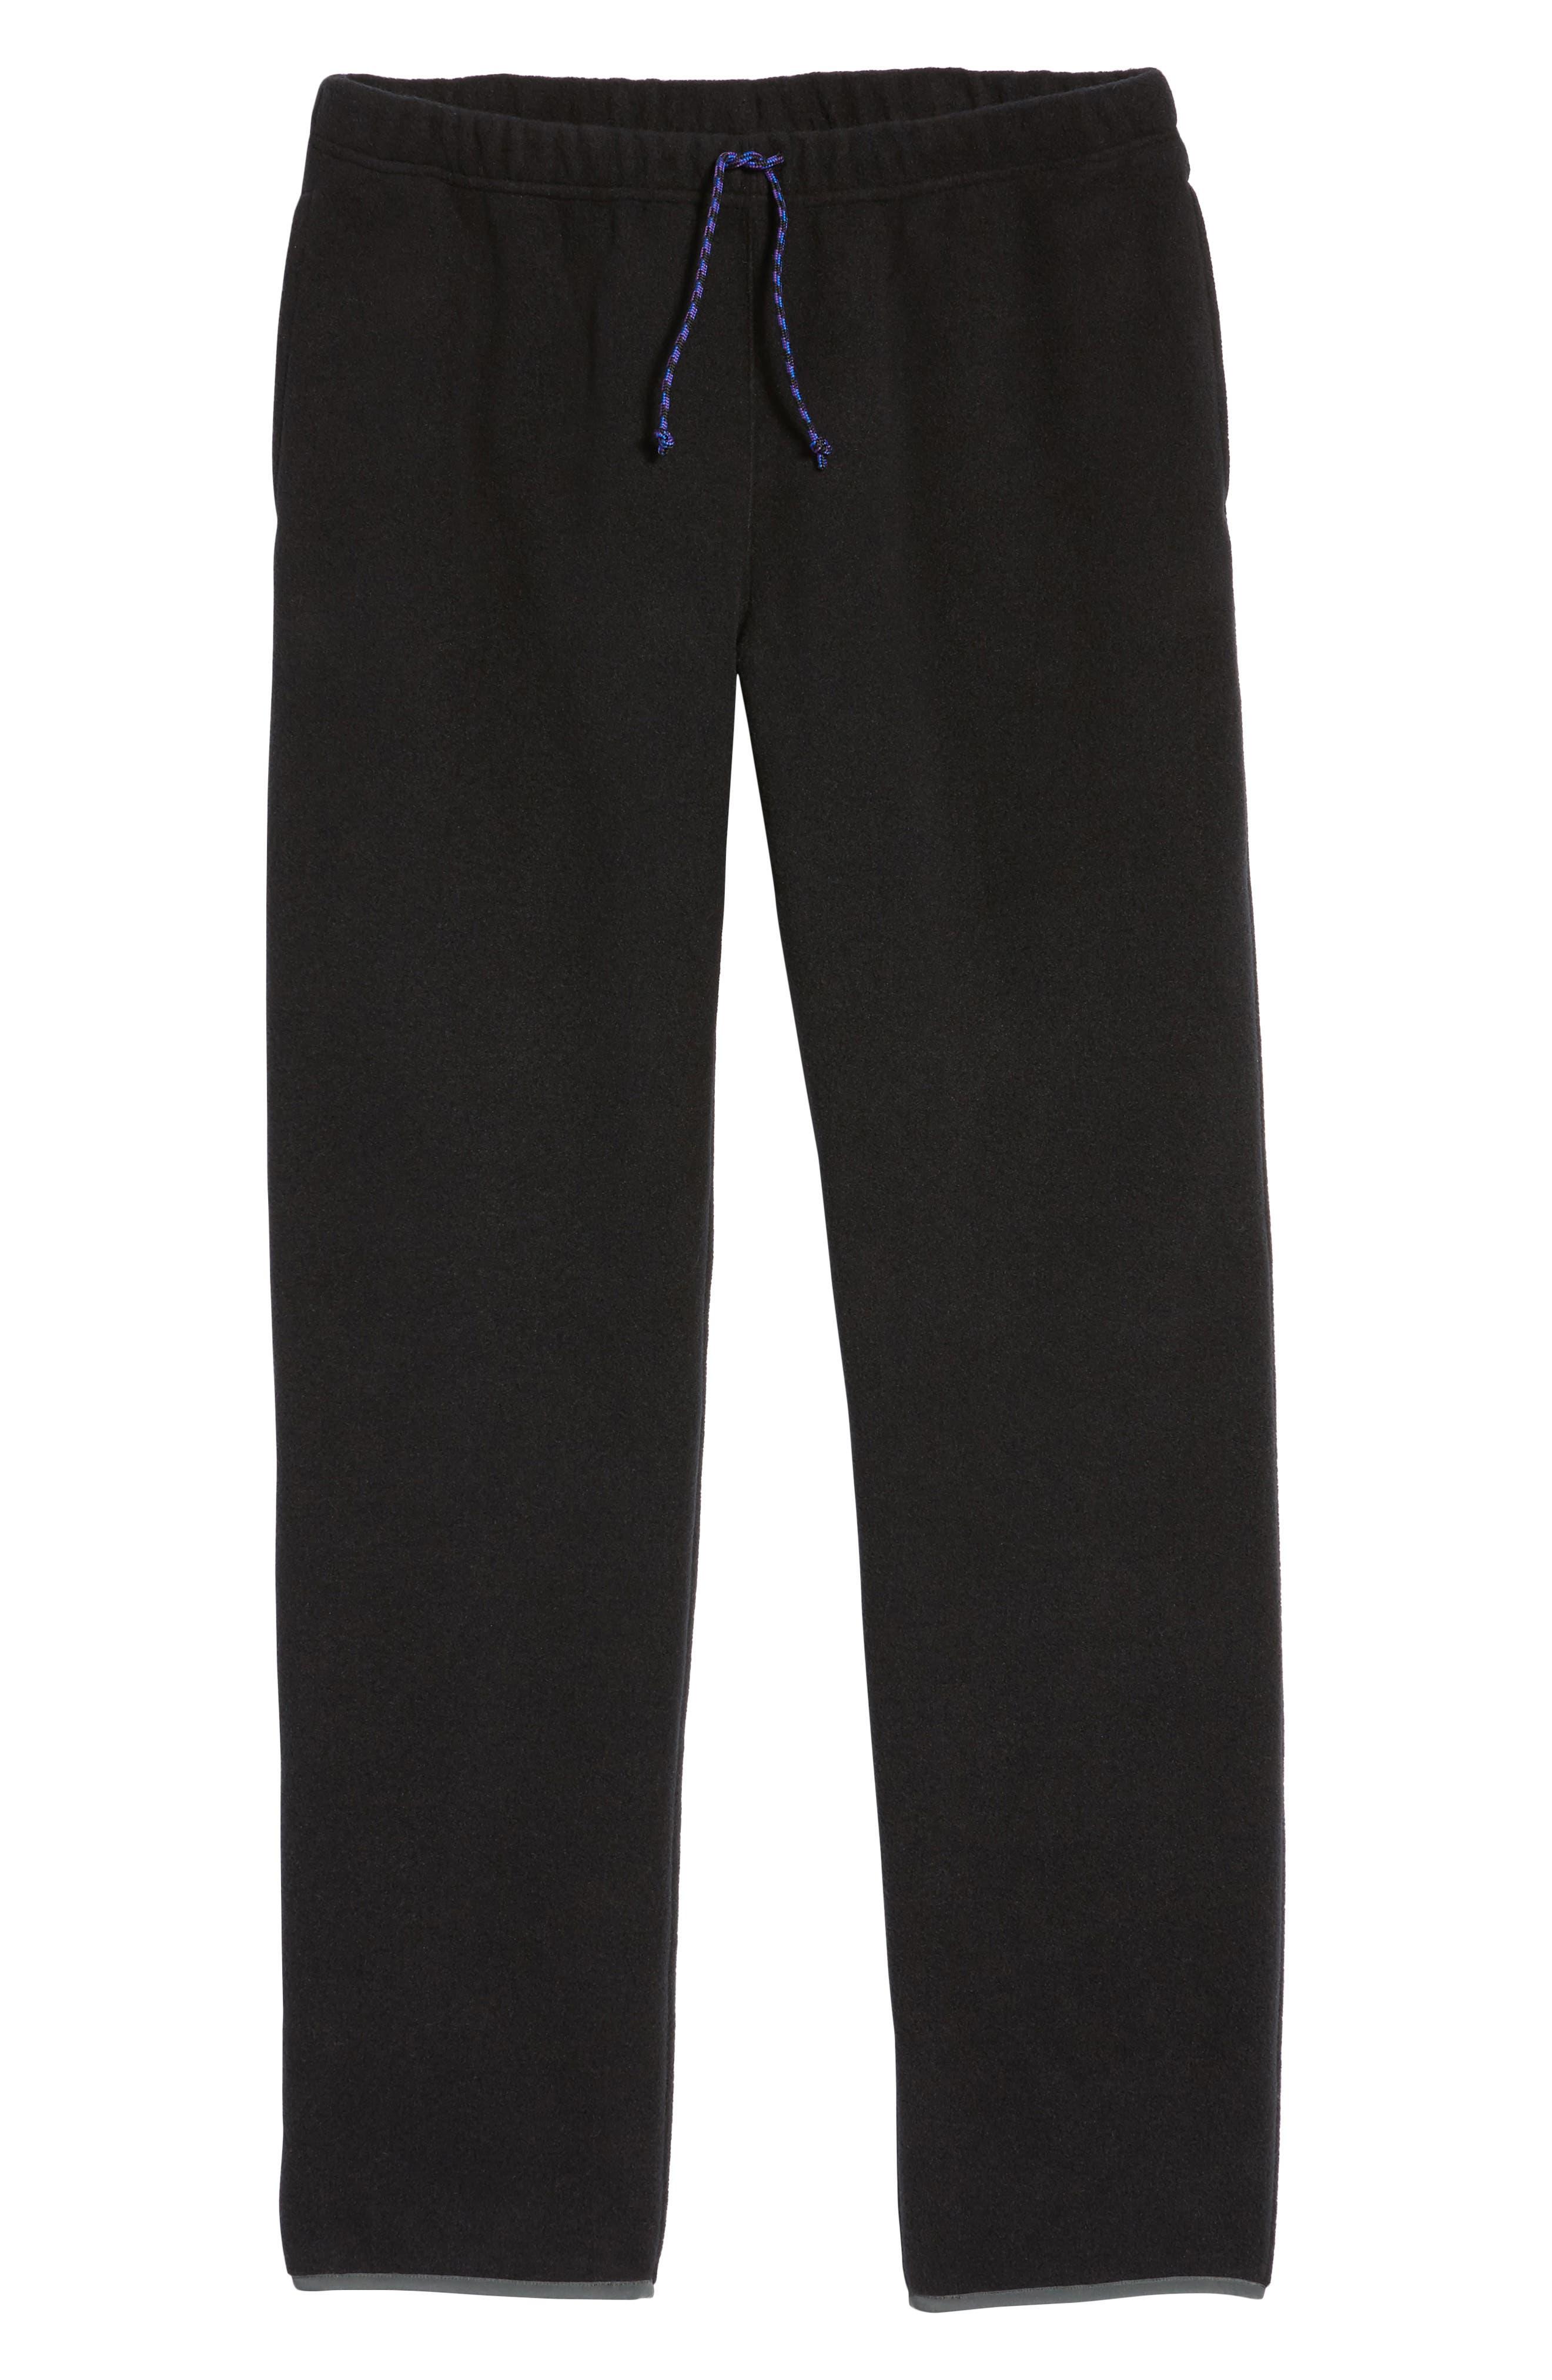 Synchilla<sup>®</sup> Fleece Pants,                             Alternate thumbnail 6, color,                             001